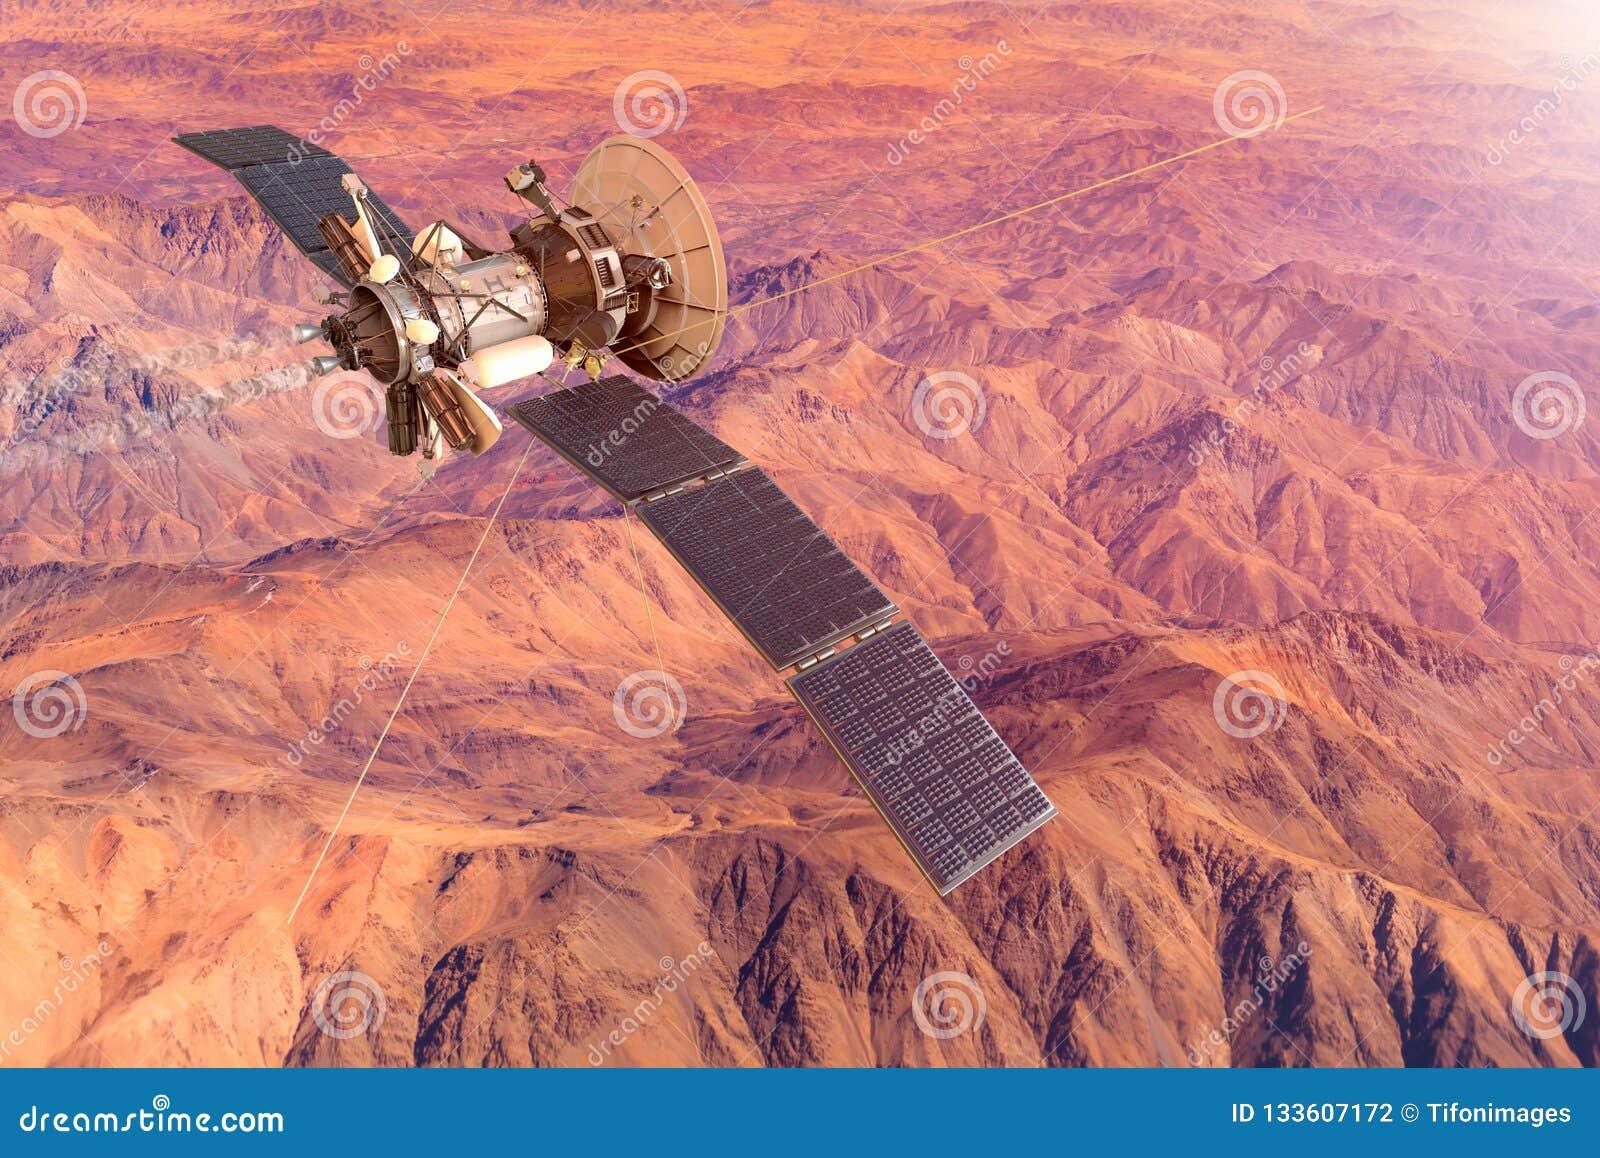 Den begreppsmässiga bilden av ett rymdskepp som undersöker, fördärvar